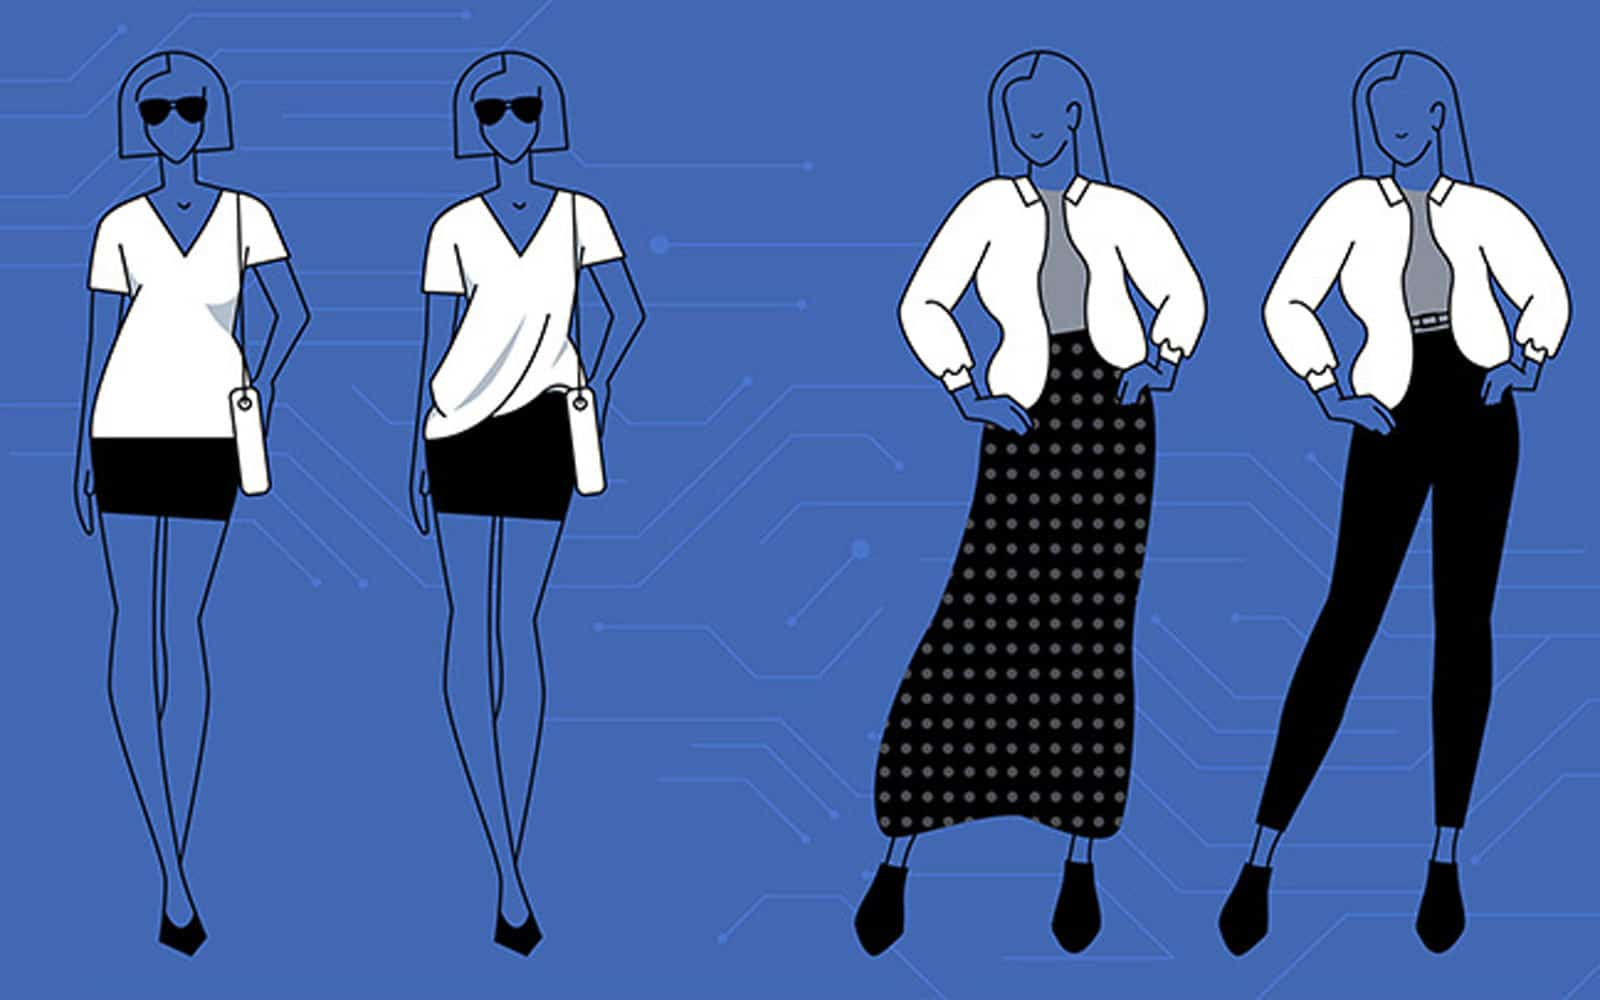 Facebook veut vous aider à mieux vous habiller grâce à l'intelligence artificielle